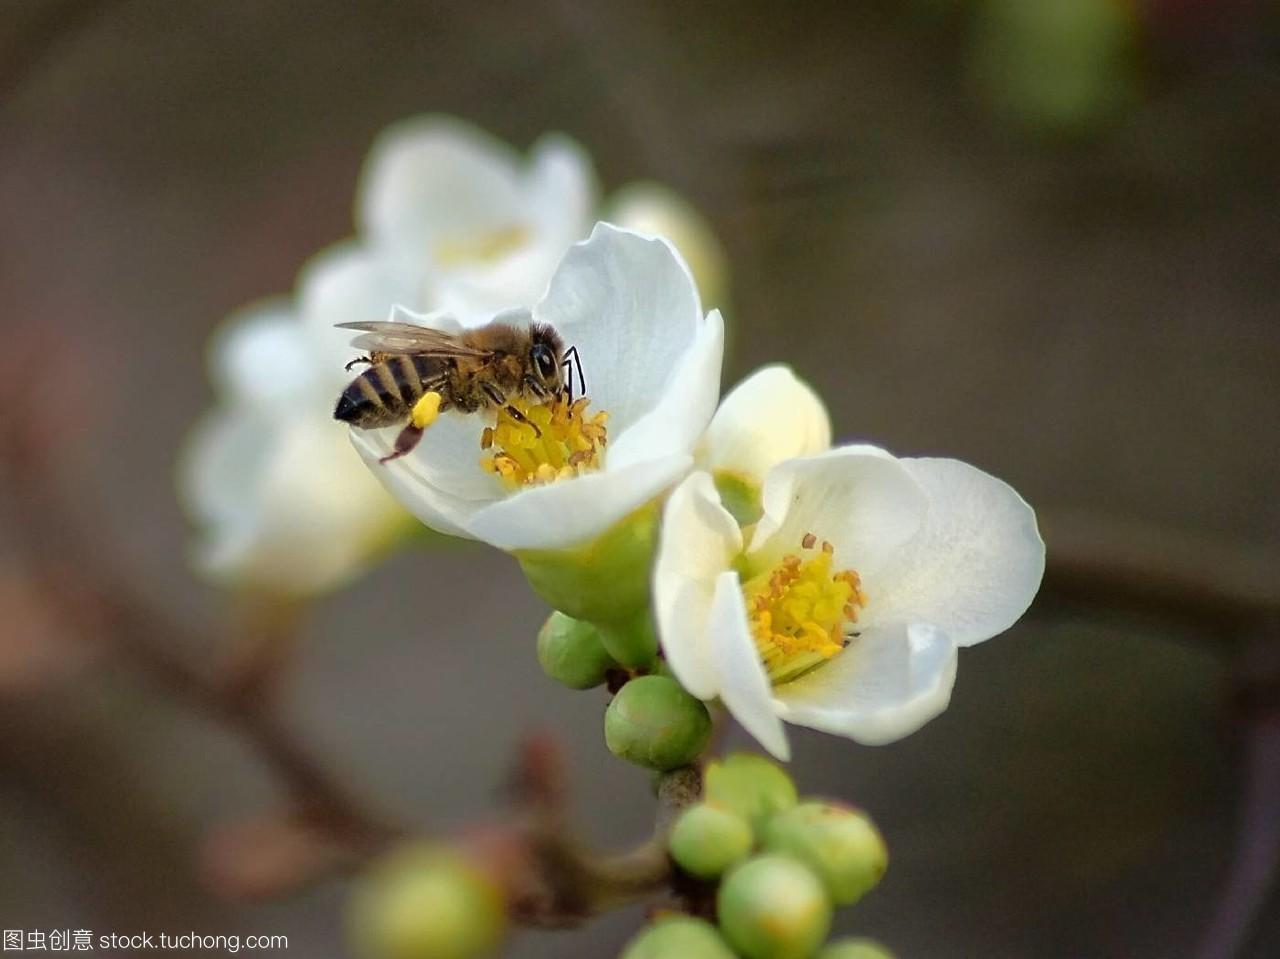 爪子,plant,Flies,东西,insects,动物群,fauna,开花怎么教植物用虫豸拿鹦鹉图片